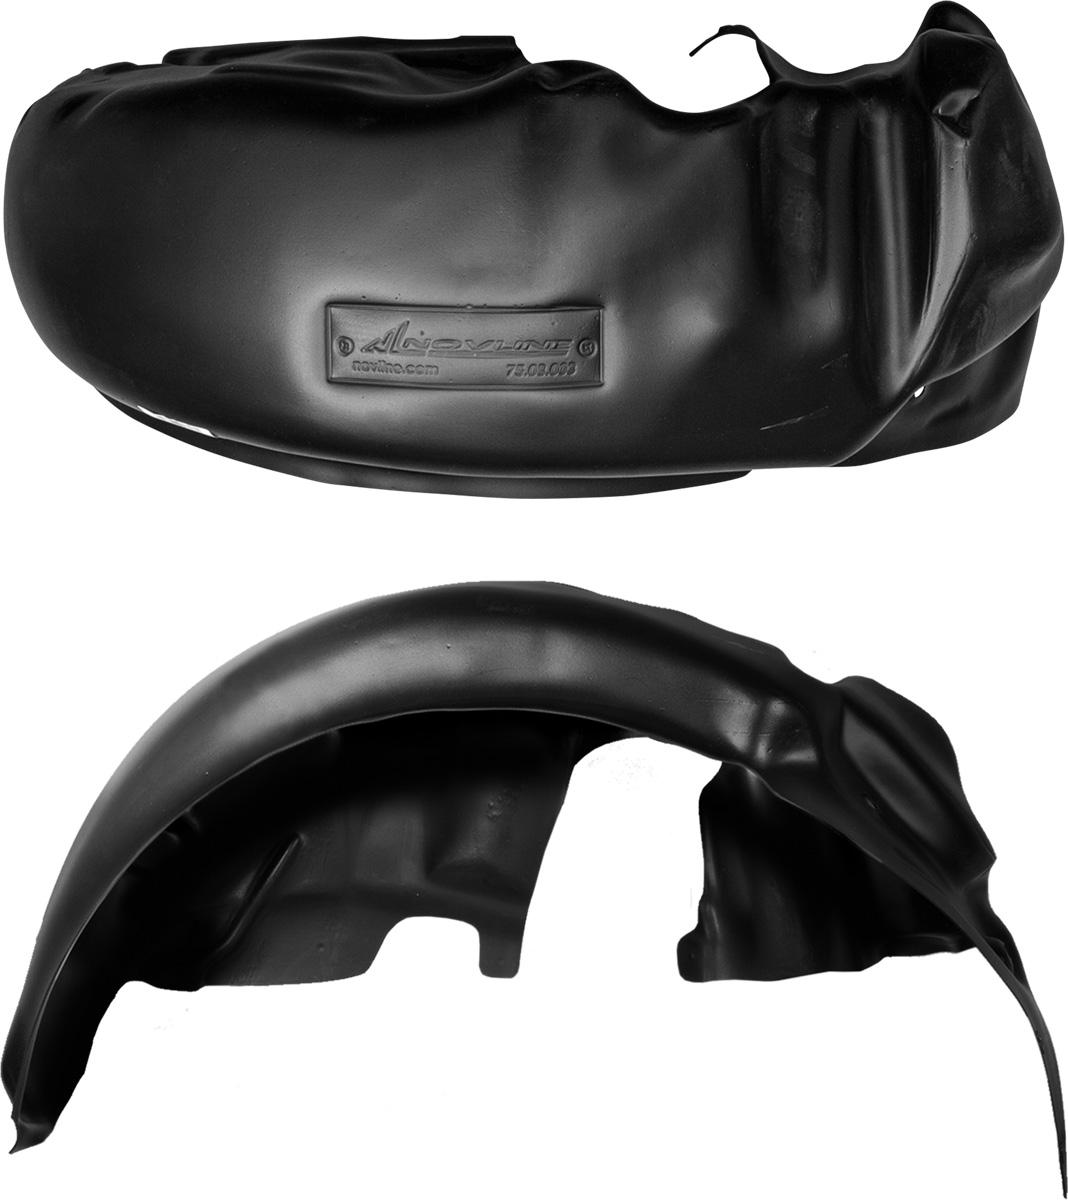 Подкрылок Novline-Autofamily, для Mitsubishi Pajero IV, 2006->, передний левыйNLL.35.16.001Колесные ниши - одни из самых уязвимых зон днища вашего автомобиля. Они постоянно подвергаются воздействию со стороны дороги. Лучшая, почти абсолютная защита для них - специально отформованные пластиковые кожухи, которые называются подкрылками. Производятся они как для отечественных моделей автомобилей, так и для иномарок. Подкрылки Novline-Autofamily выполнены из высококачественного, экологически чистого пластика. Обеспечивают надежную защиту кузова автомобиля от пескоструйного эффекта и негативного влияния, агрессивных антигололедных реагентов. Пластик обладает более низкой теплопроводностью, чем металл, поэтому в зимний период эксплуатации использование пластиковых подкрылков позволяет лучше защитить колесные ниши от налипания снега и образования наледи. Оригинальность конструкции подчеркивает элегантность автомобиля, бережно защищает нанесенное на днище кузова антикоррозийное покрытие и позволяет осуществить крепление подкрылков внутри колесной арки практически без...